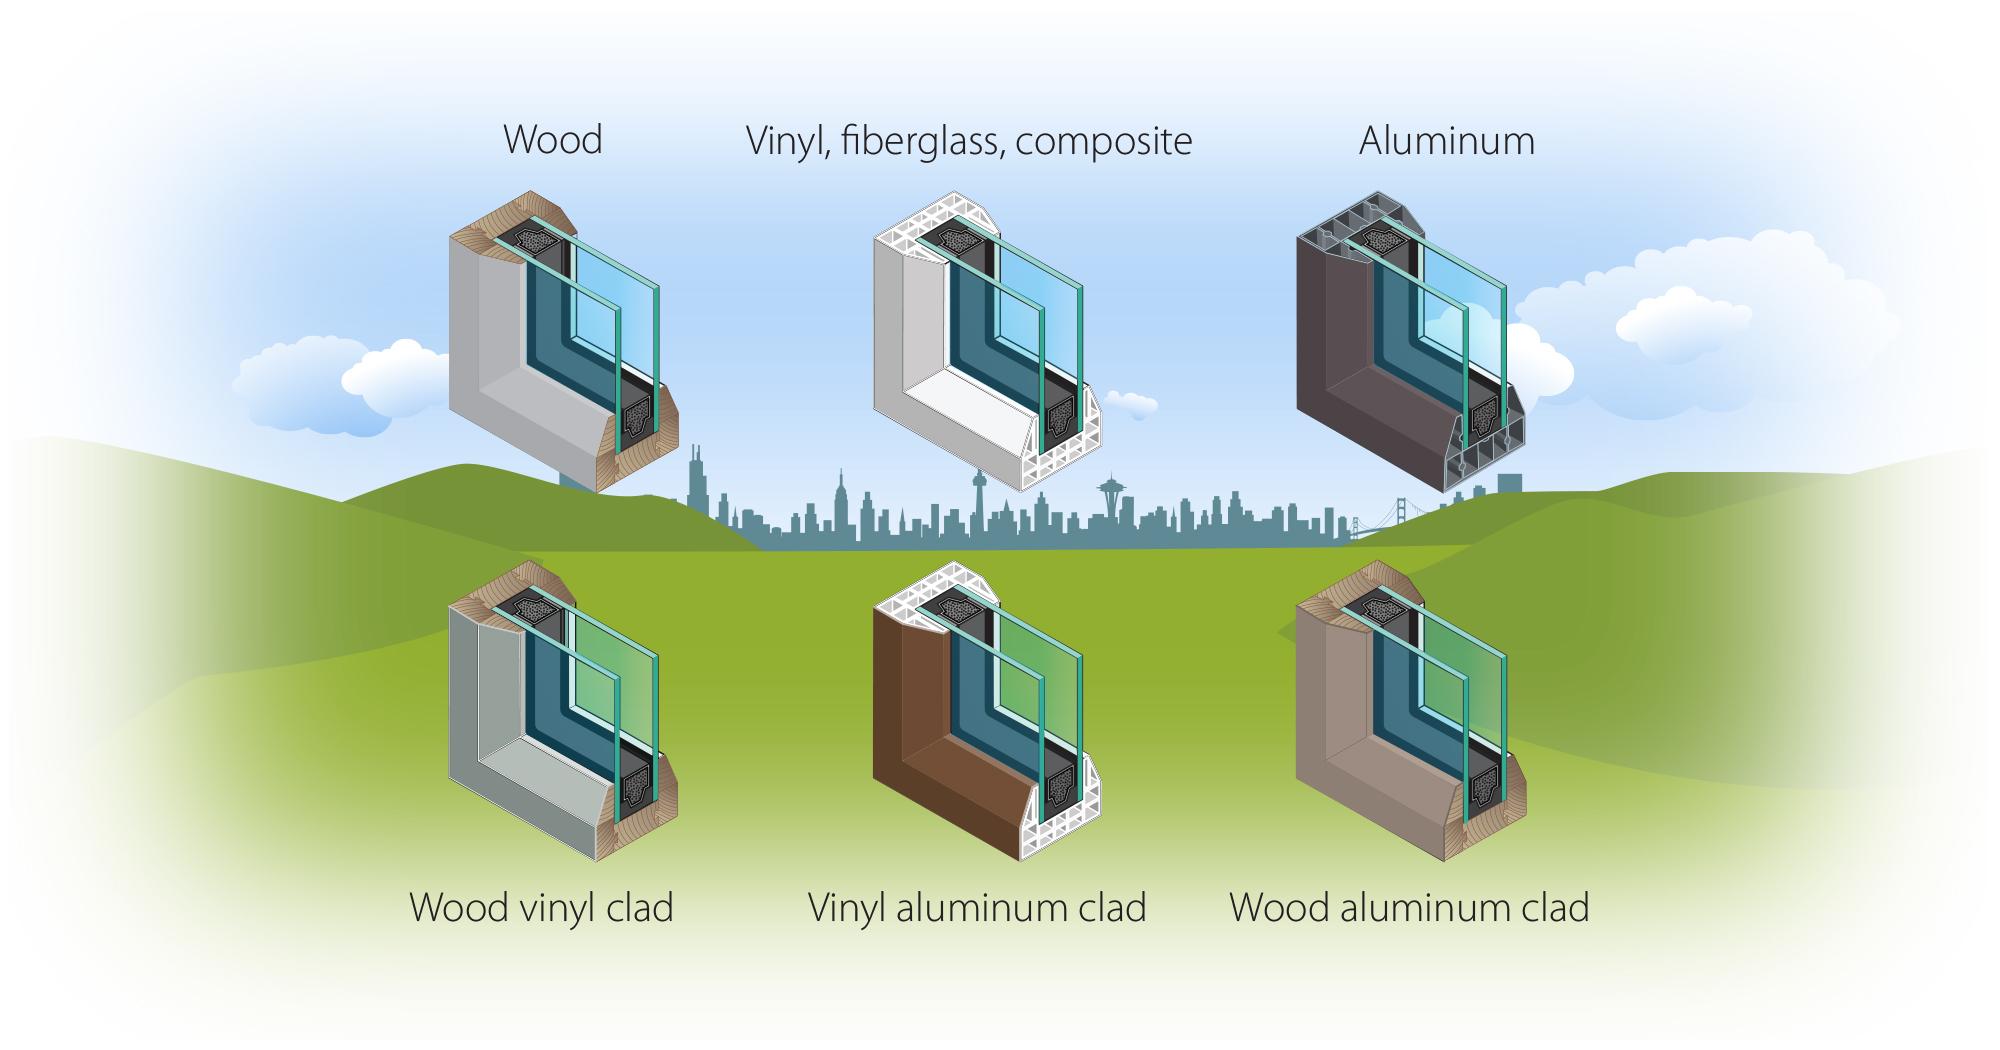 window materials comparison